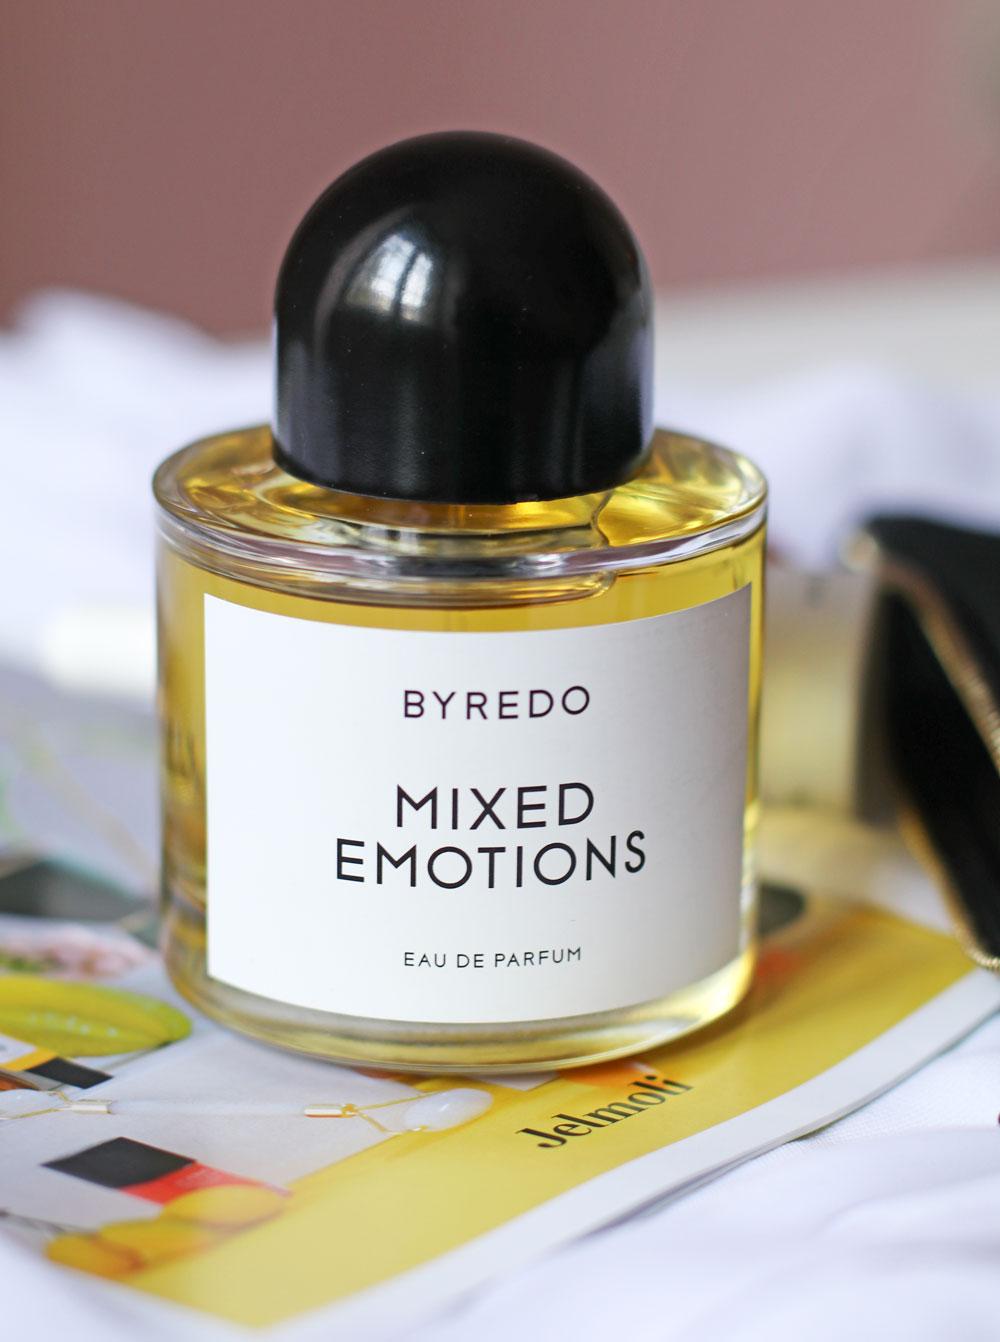 Zu viel oder das falsche Parfum erwischt? Kein Problem, auf sonrisa gibt es einen einfachen Beauty-Hack für solche Duft-Pannen.